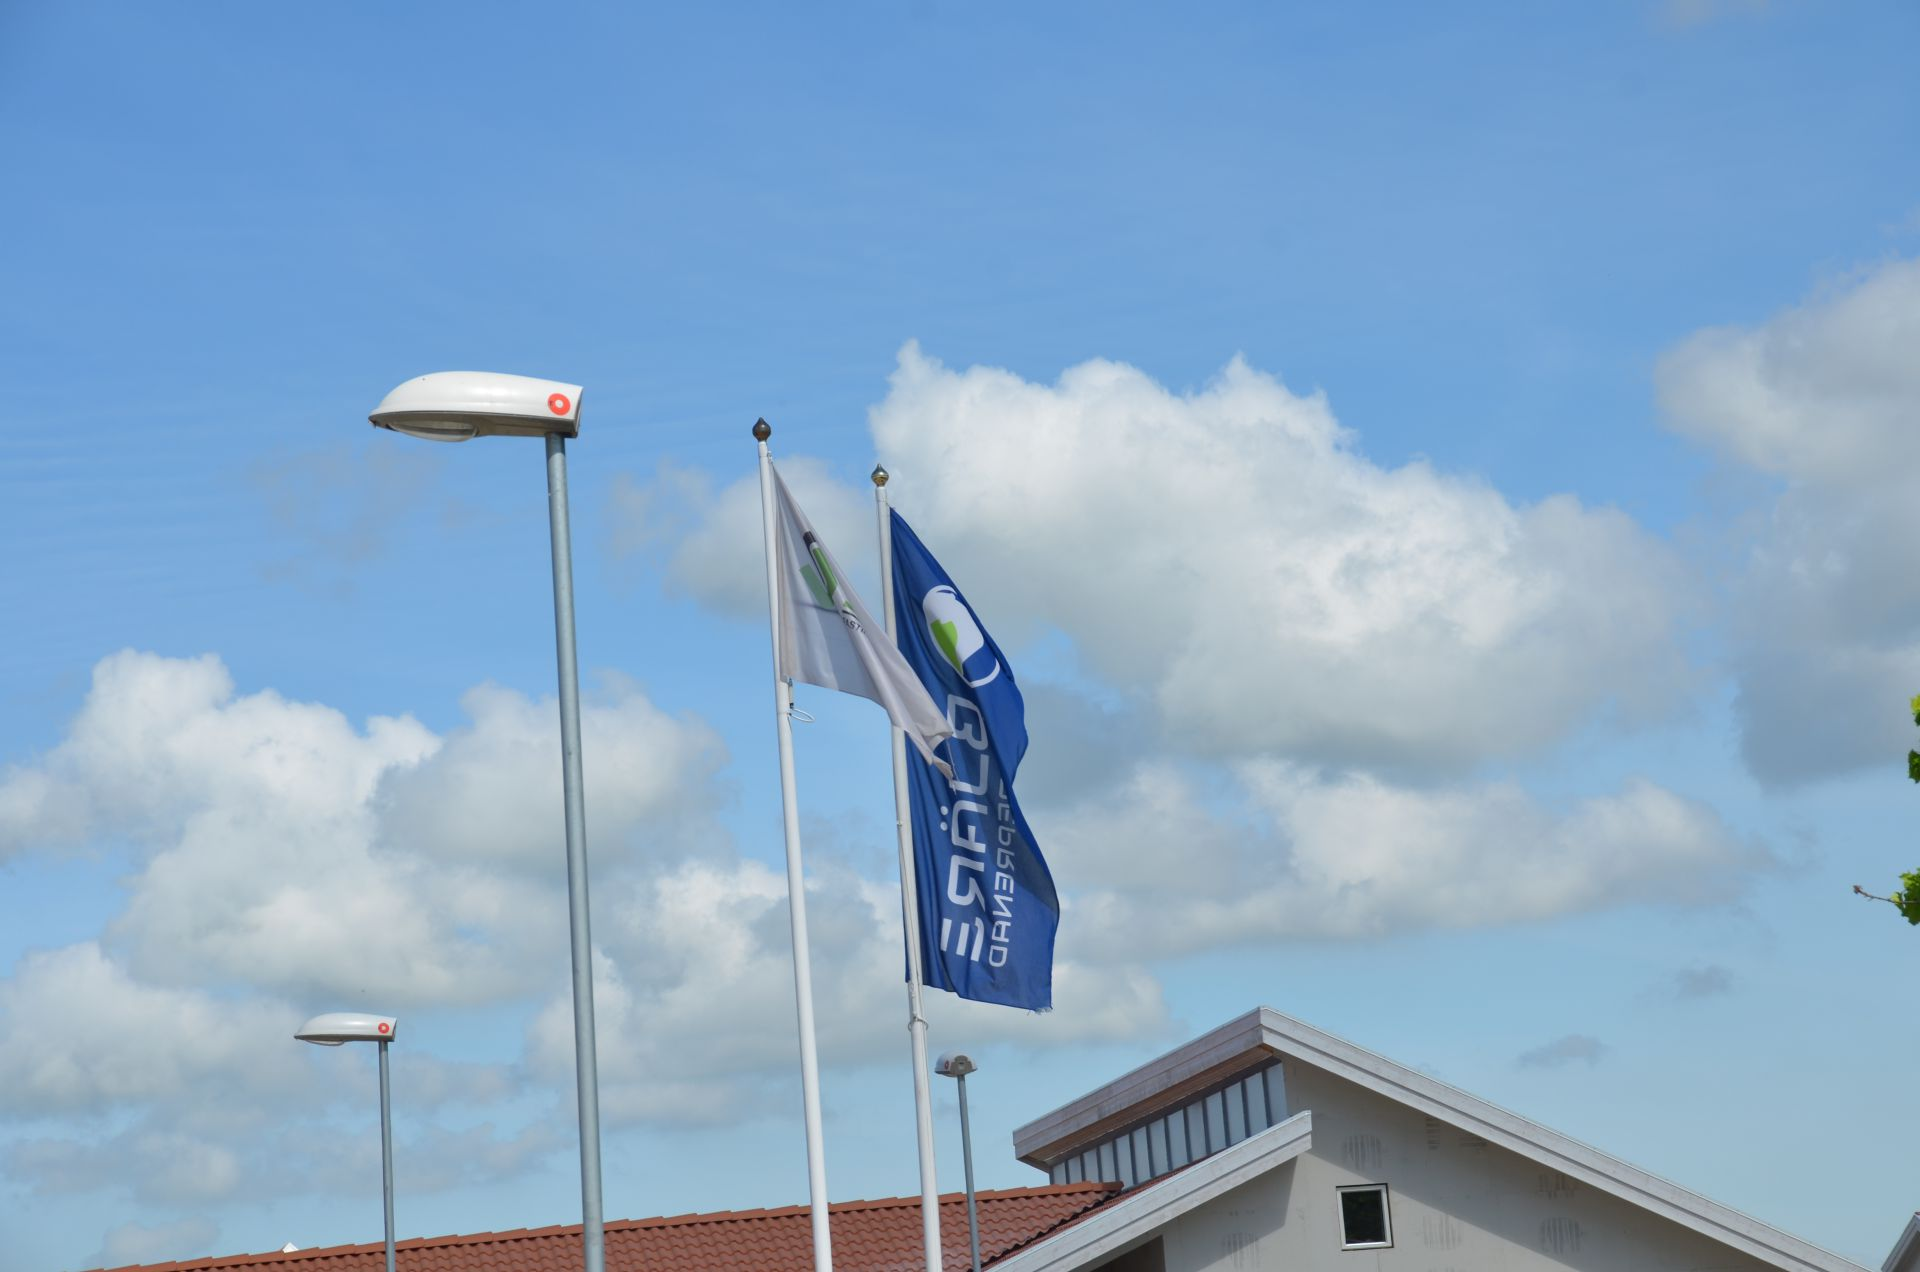 Bjäre Entreprenad-flaggan på arbetsplatsen för grundläggning och finplanering i Staffanstorp